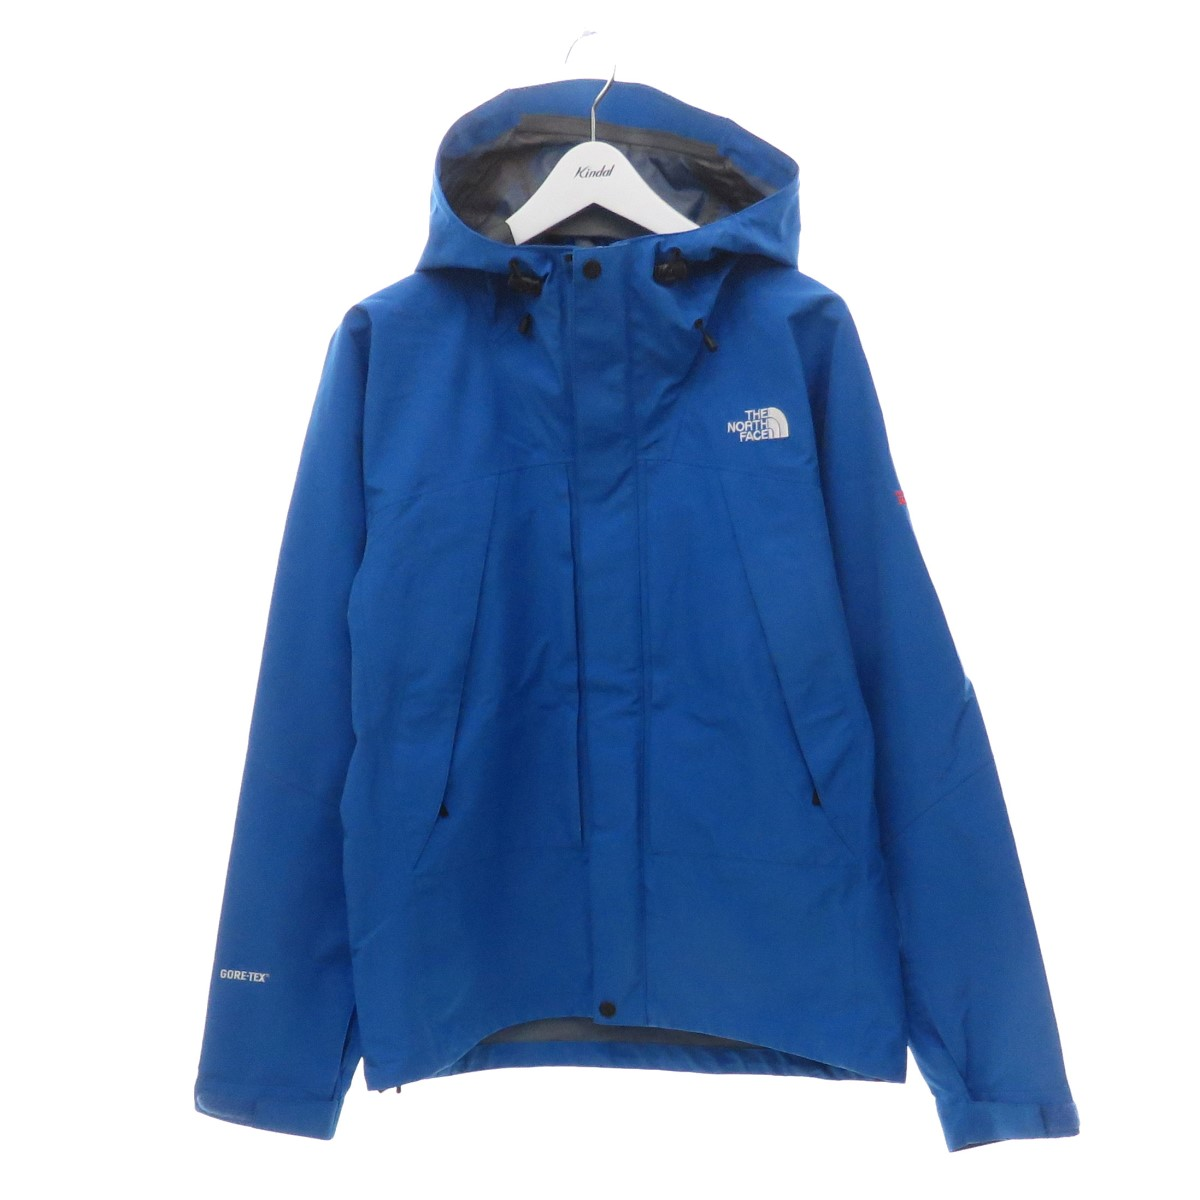 【中古】THE NORTH FACE All Mountain Jacket オールマウンテンジャケット パーカー GORE-TEX ブルー サイズ:XL 【070720】(ザノースフェイス)